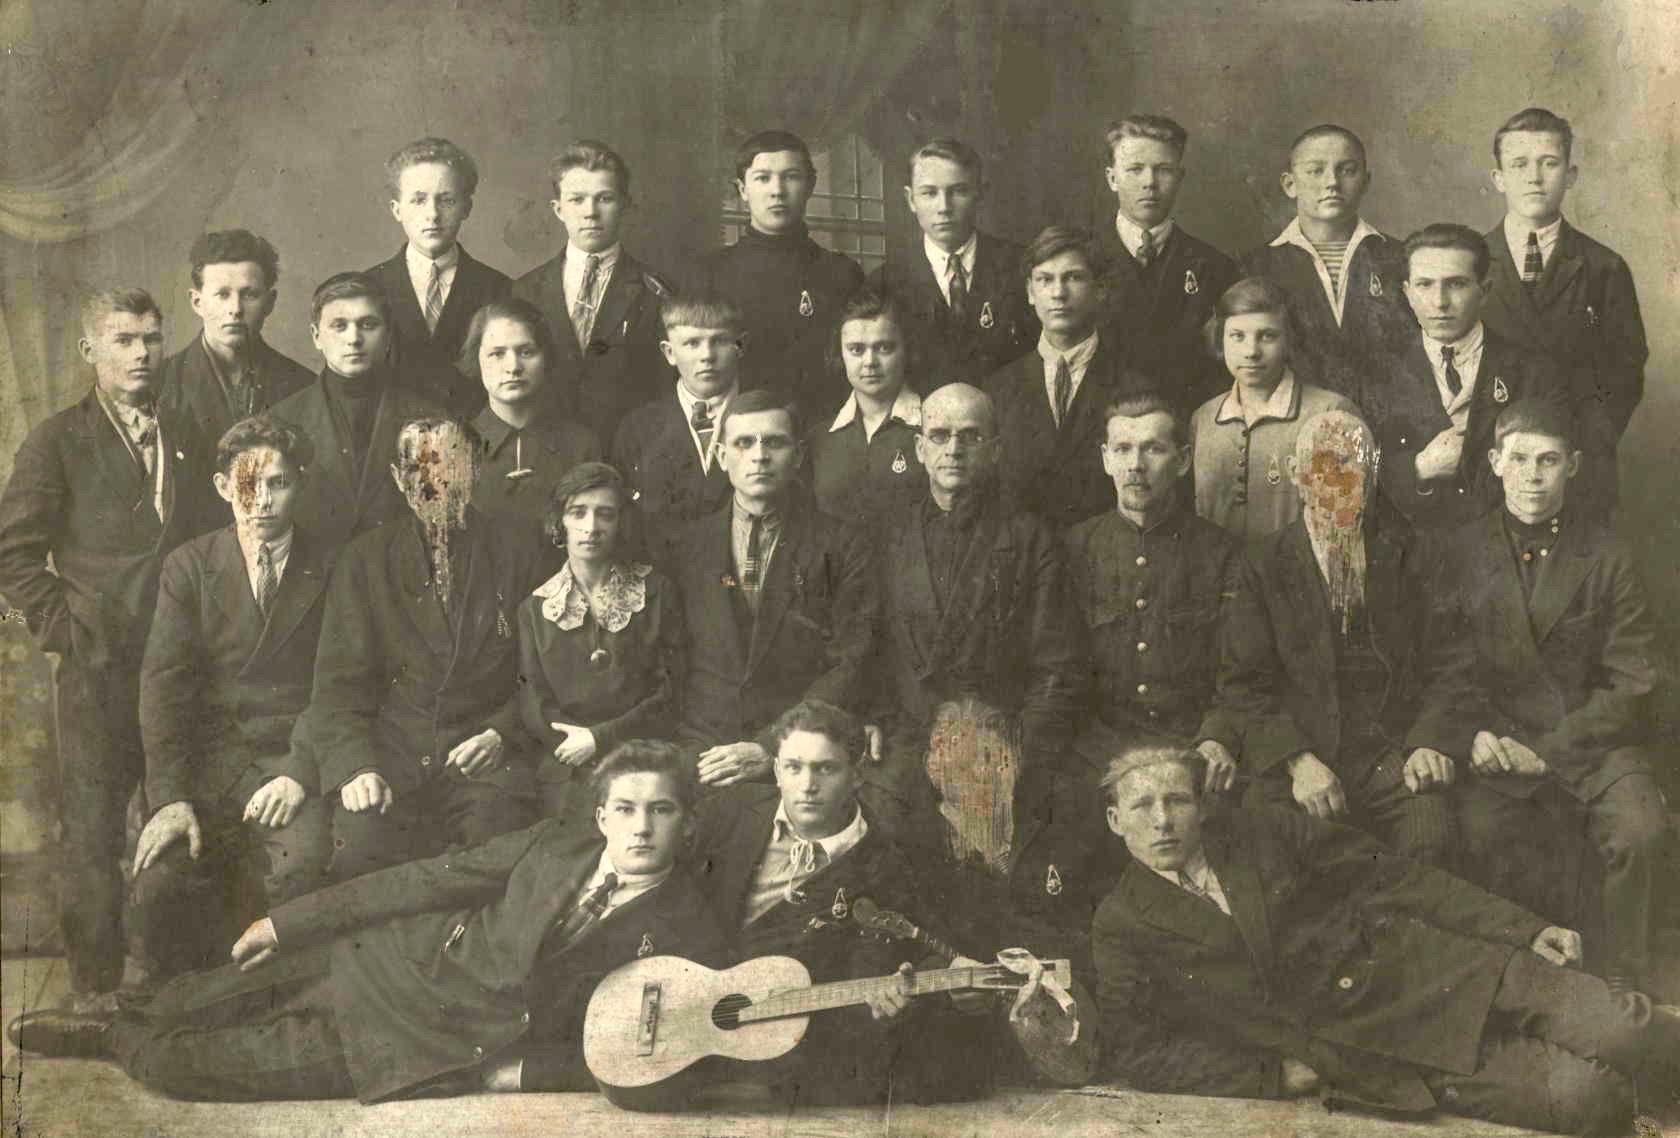 1932. Первый выпуск школы ФЗУ, организованной на станции Псков в здании старого паровозного депо